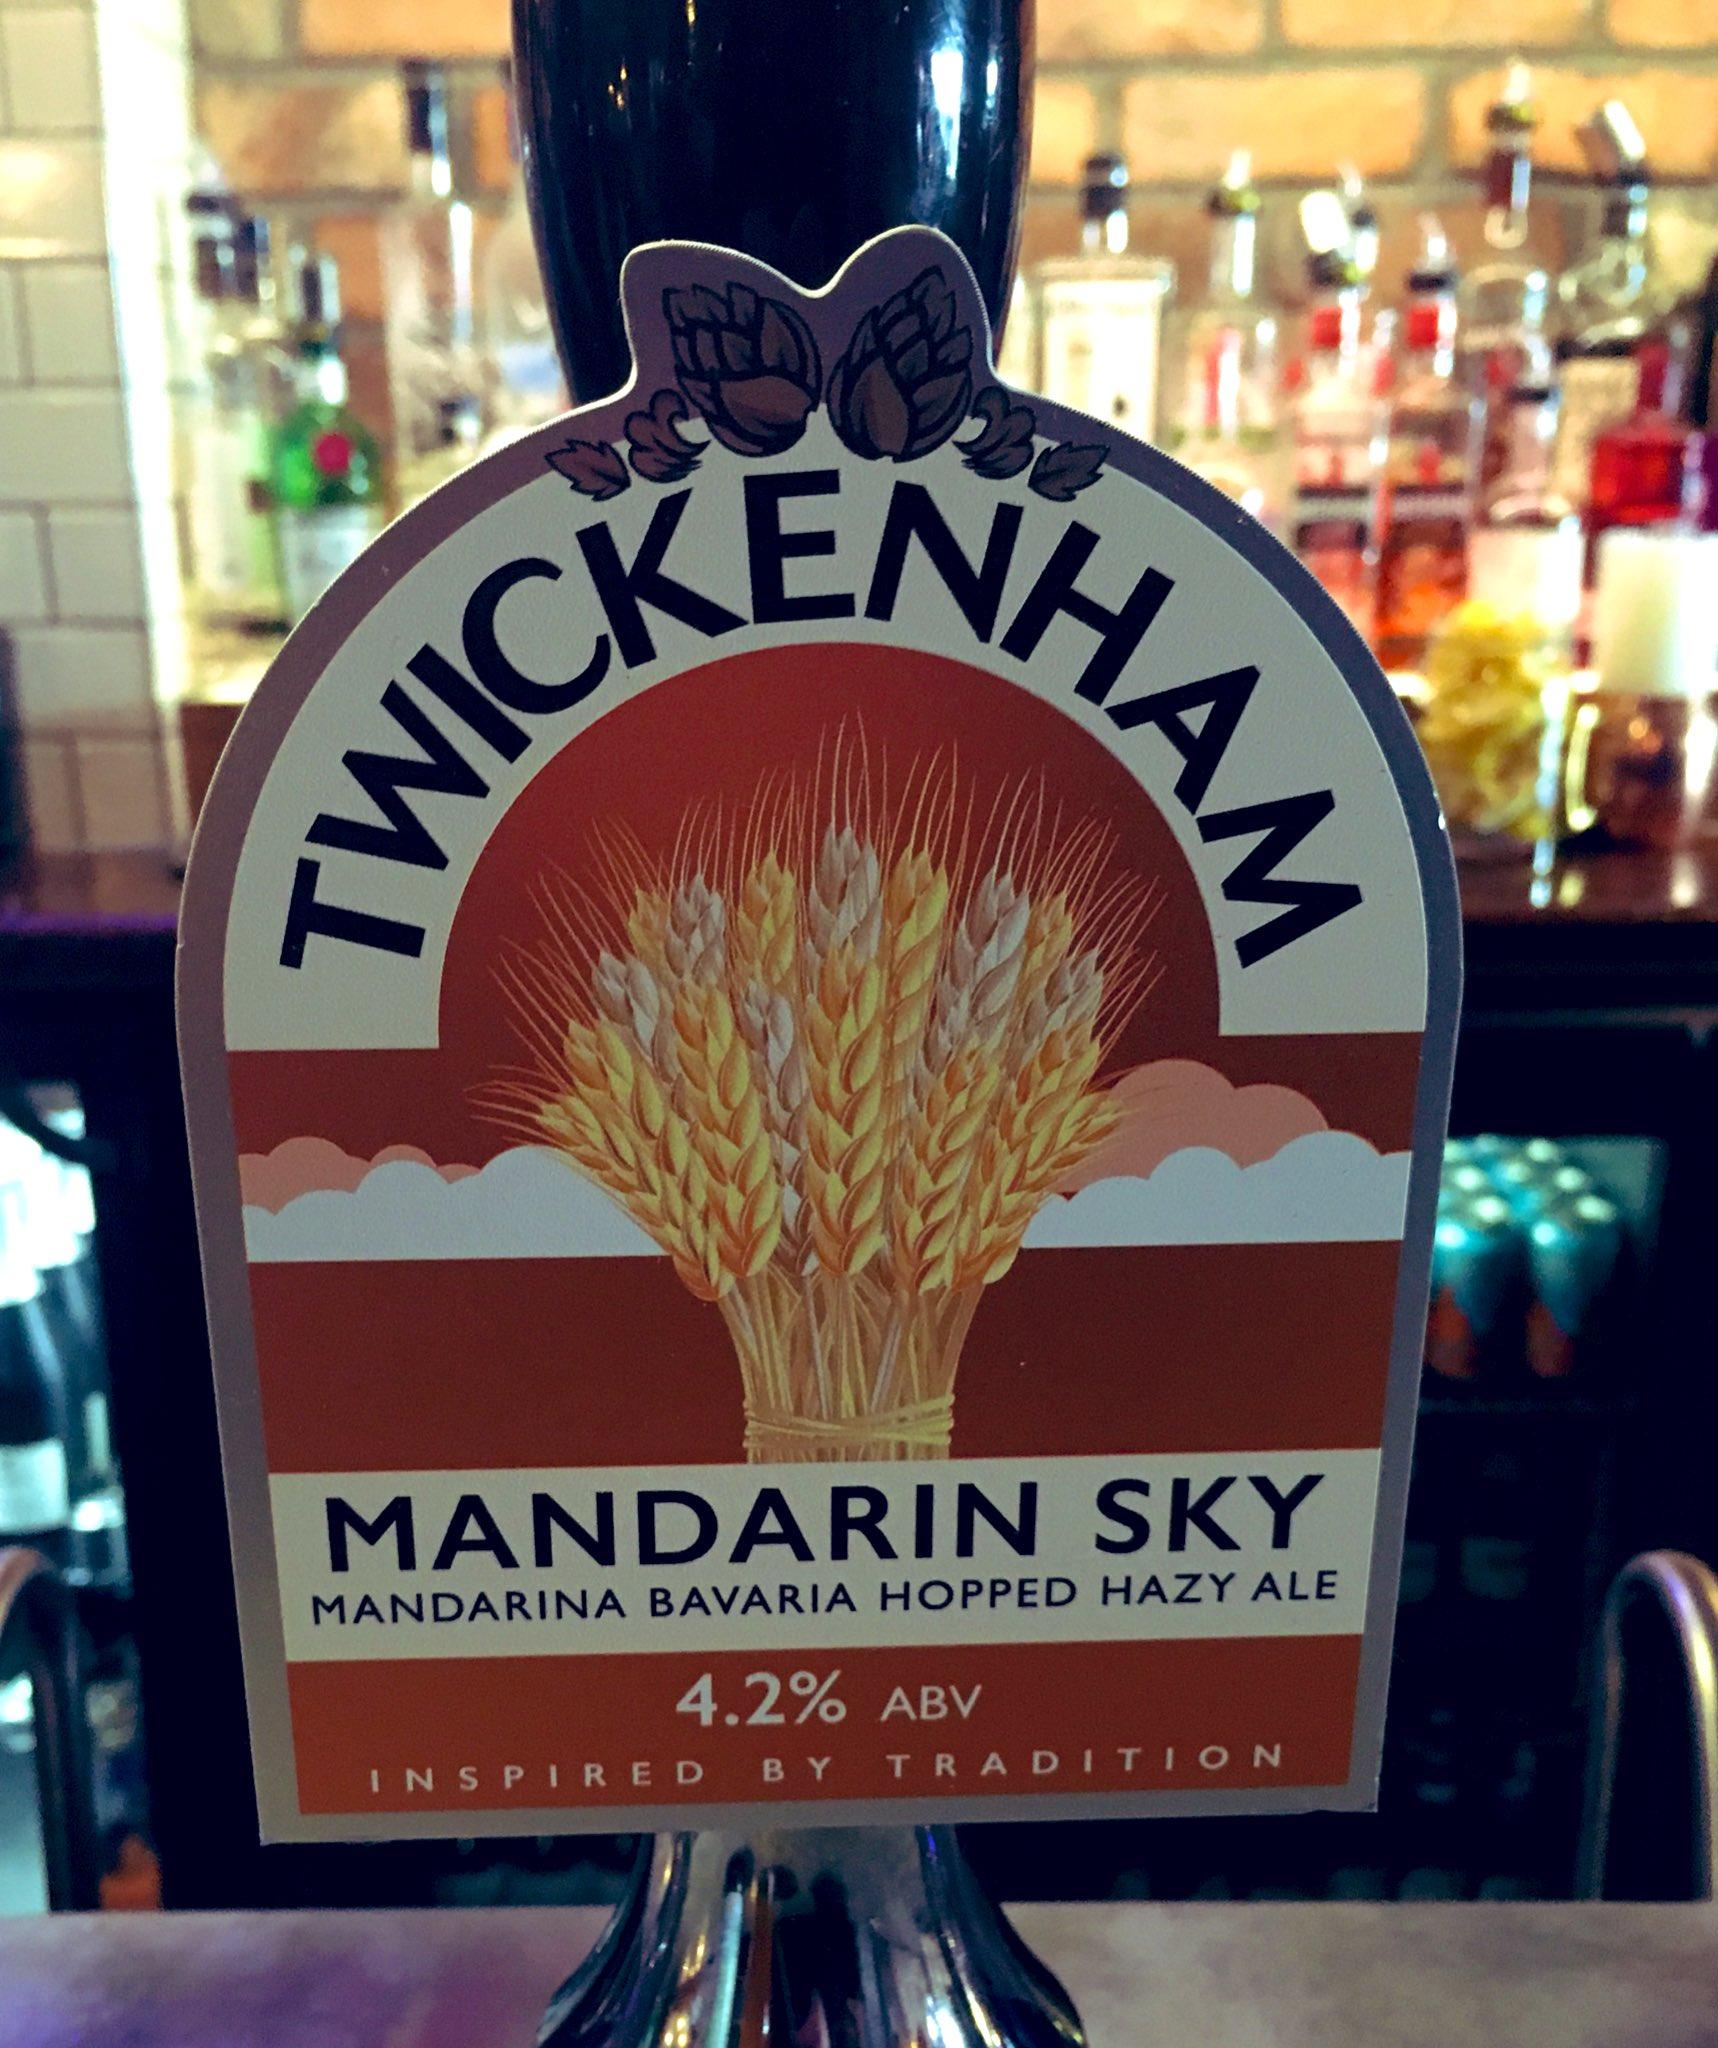 162: Mandarin Sky